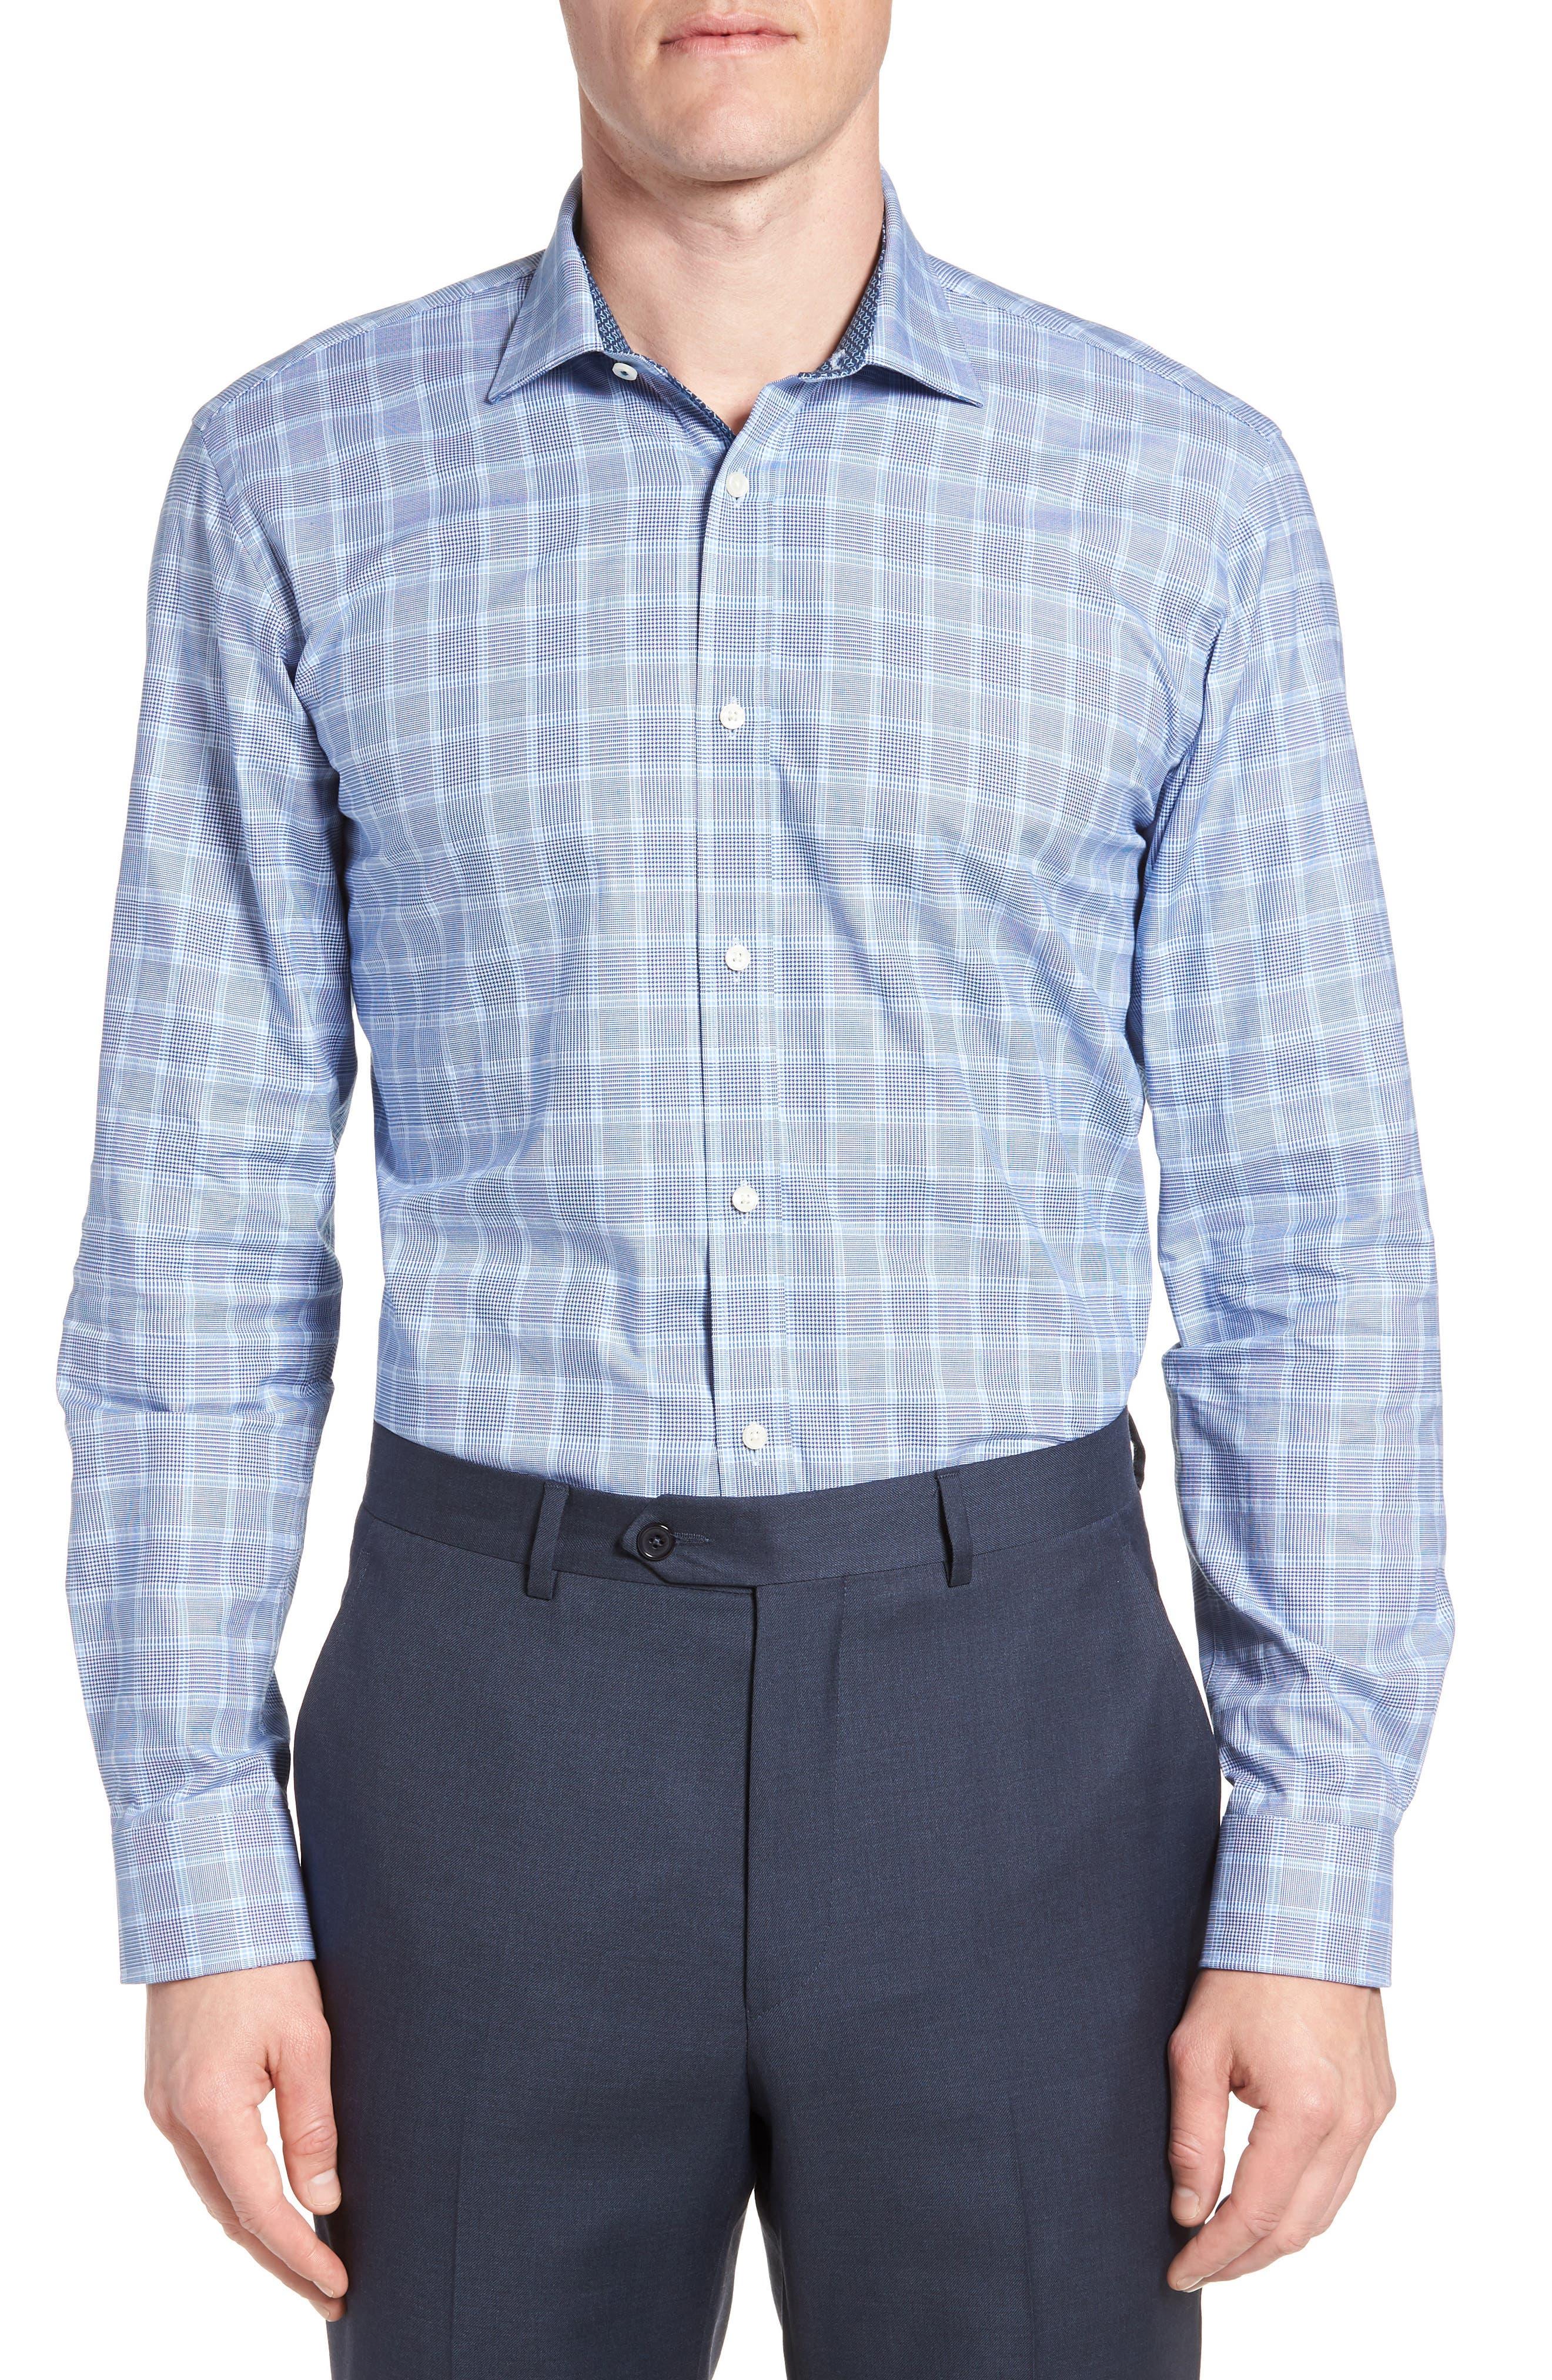 Royaltt Trim Fit Plaid Dress Shirt,                         Main,                         color, NAVY